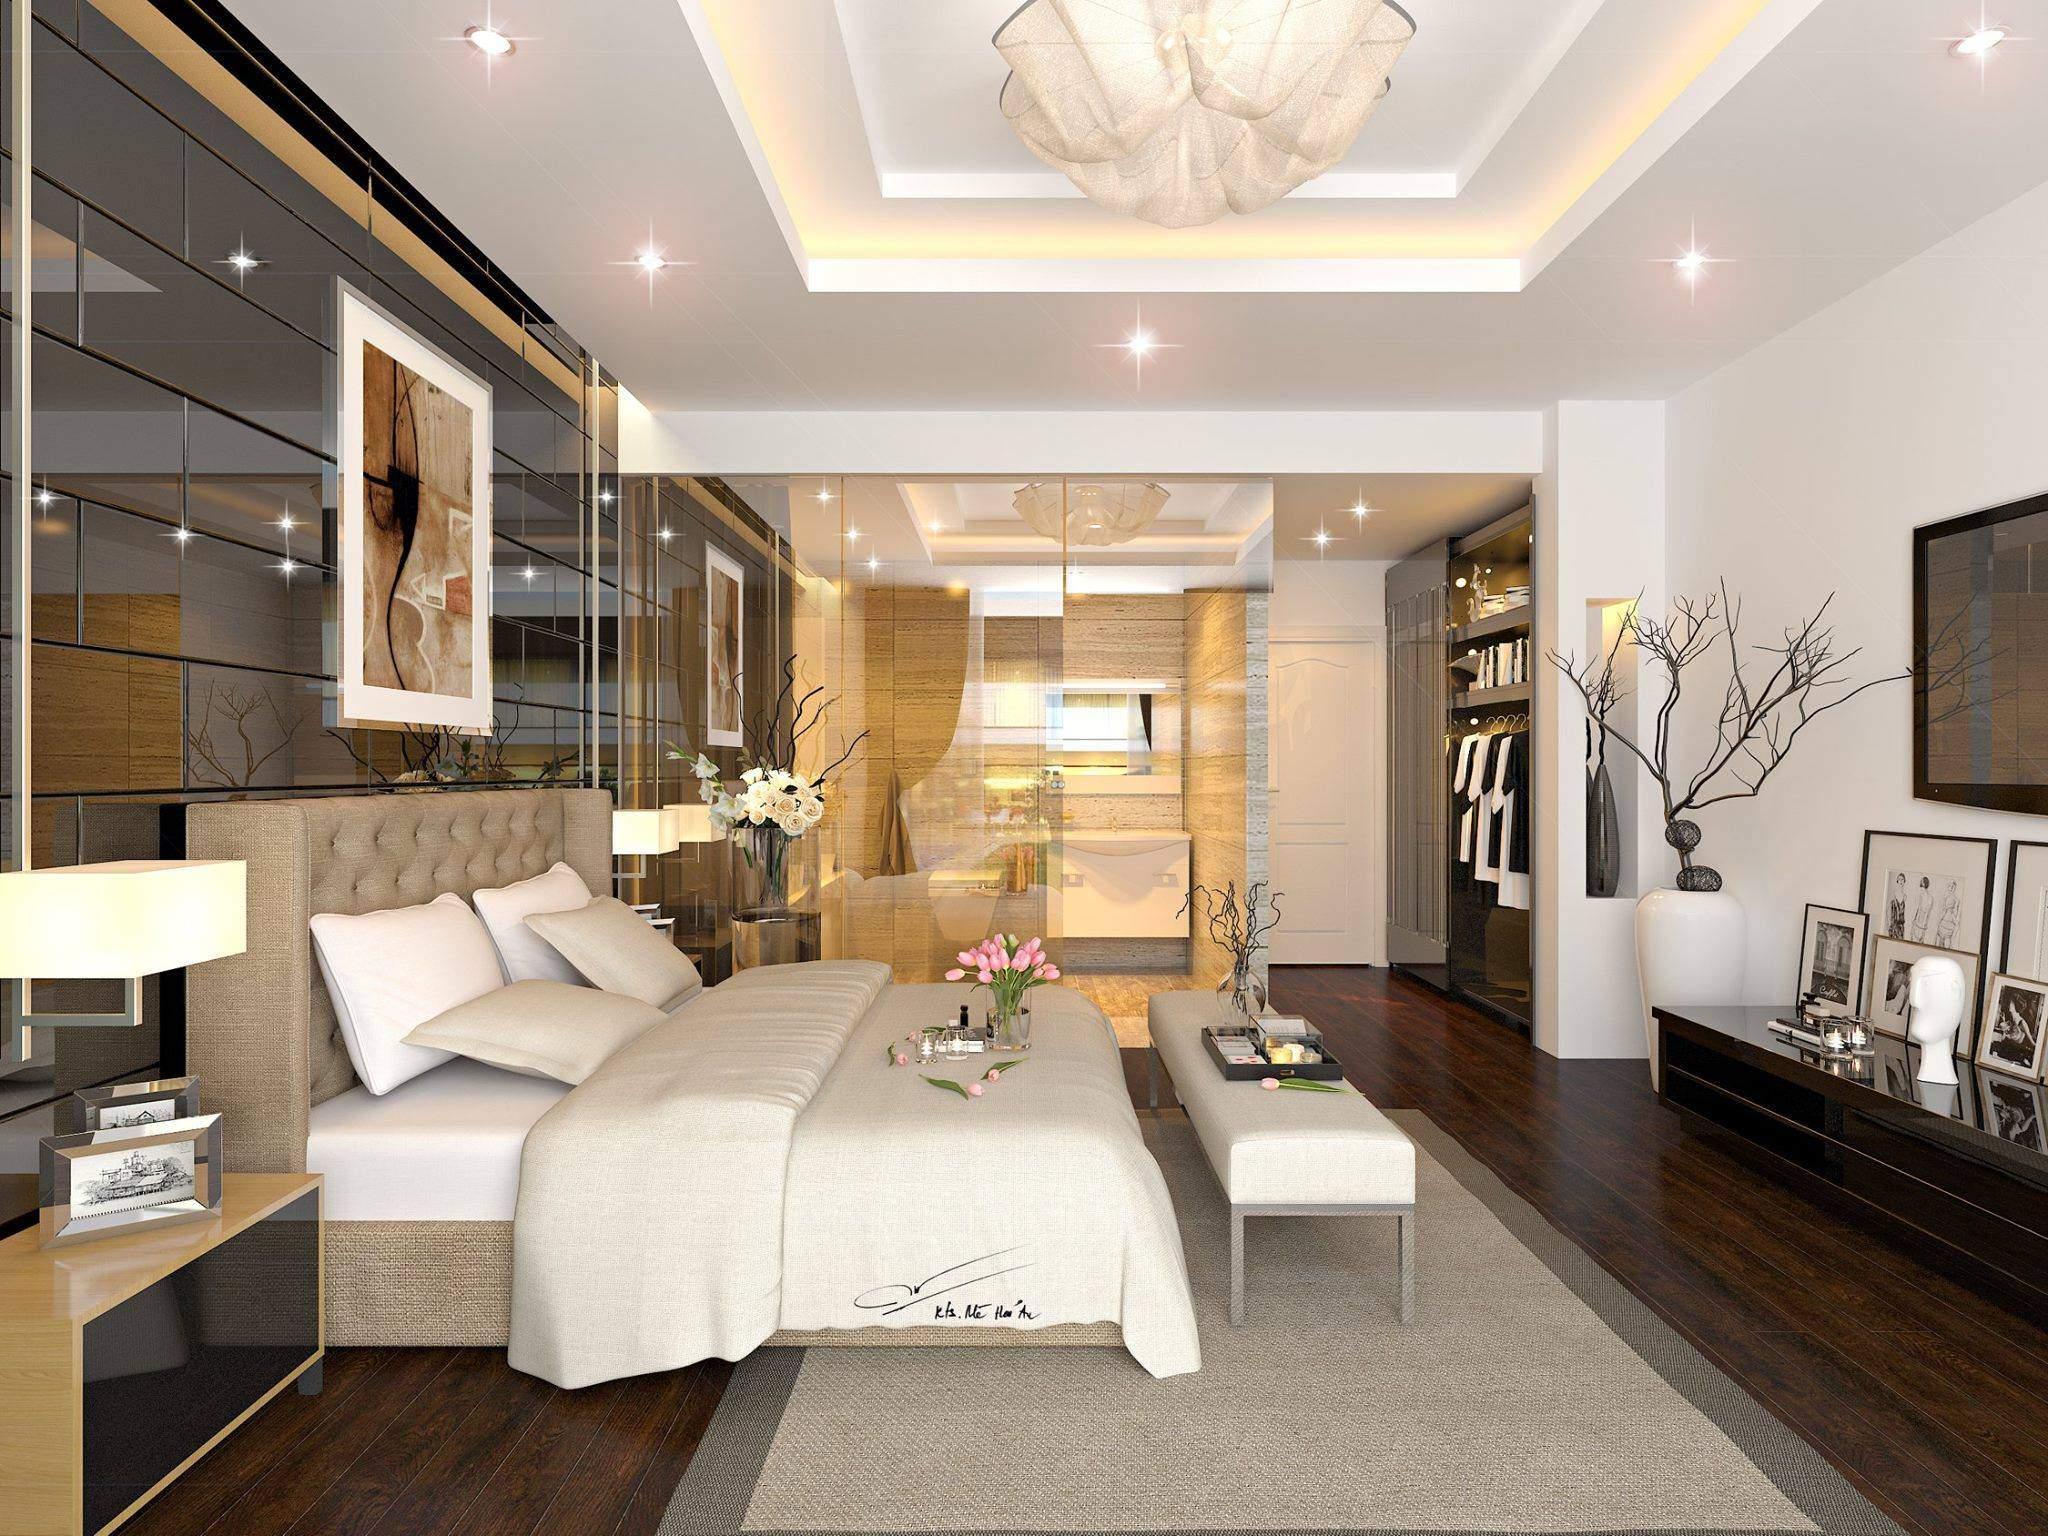 thiết kế nội thất biệt thự cho phòng ngủ ấm áp